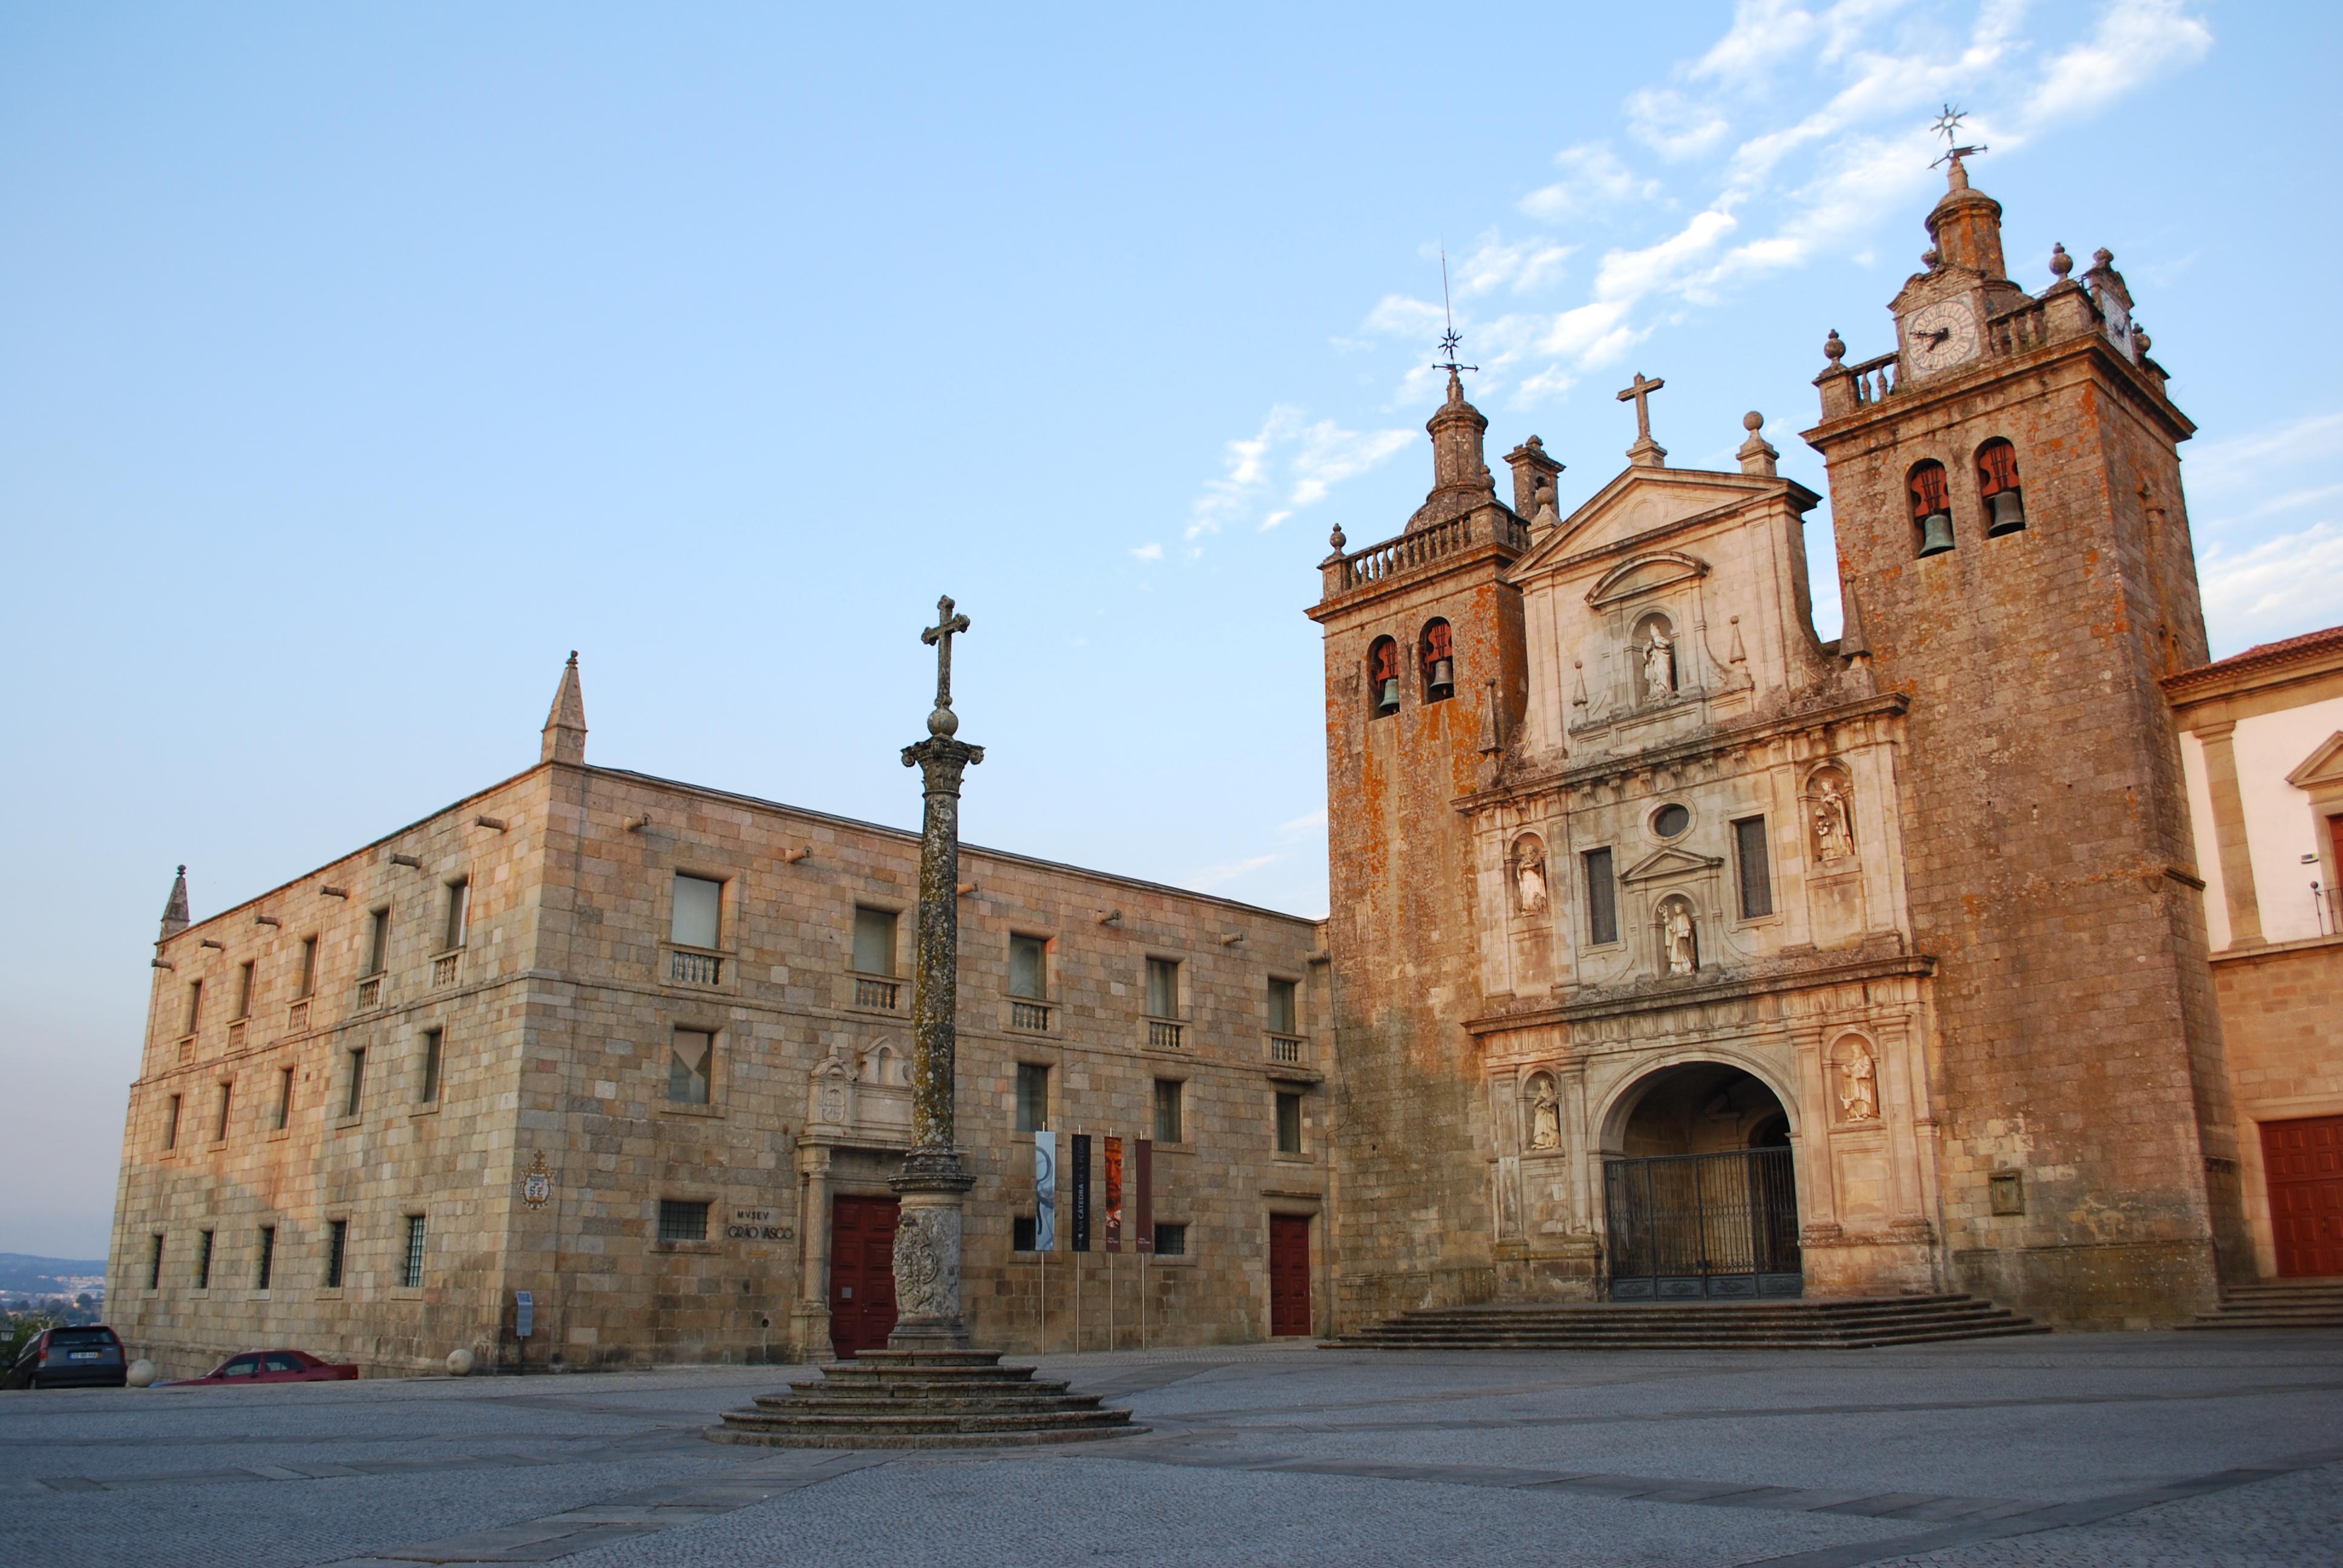 File:Viseu - Antigo Seminário e Sé.jpg - Wikimedia Commons